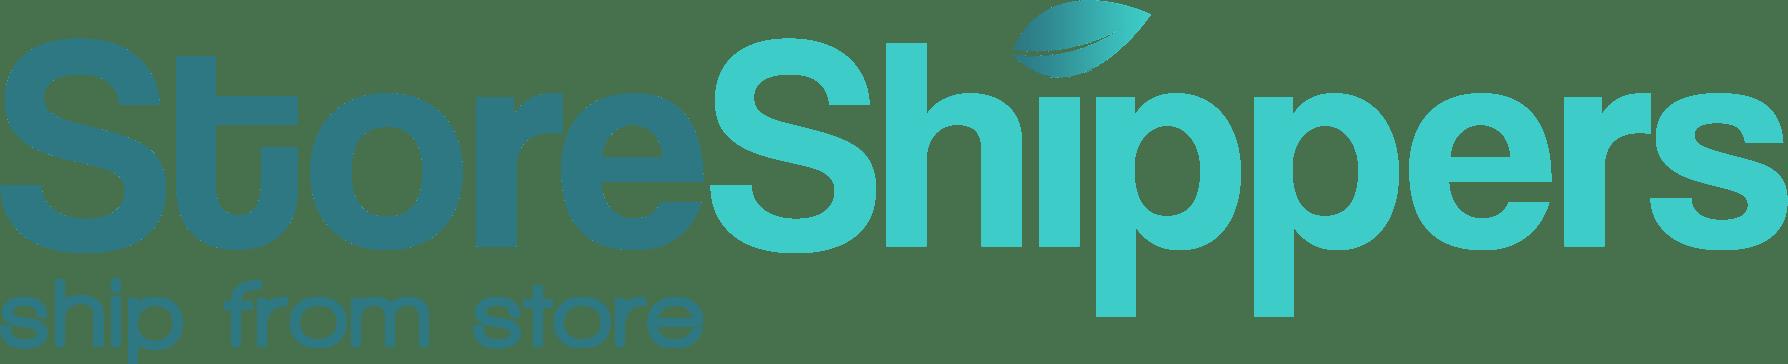 StoreShippers Ireland